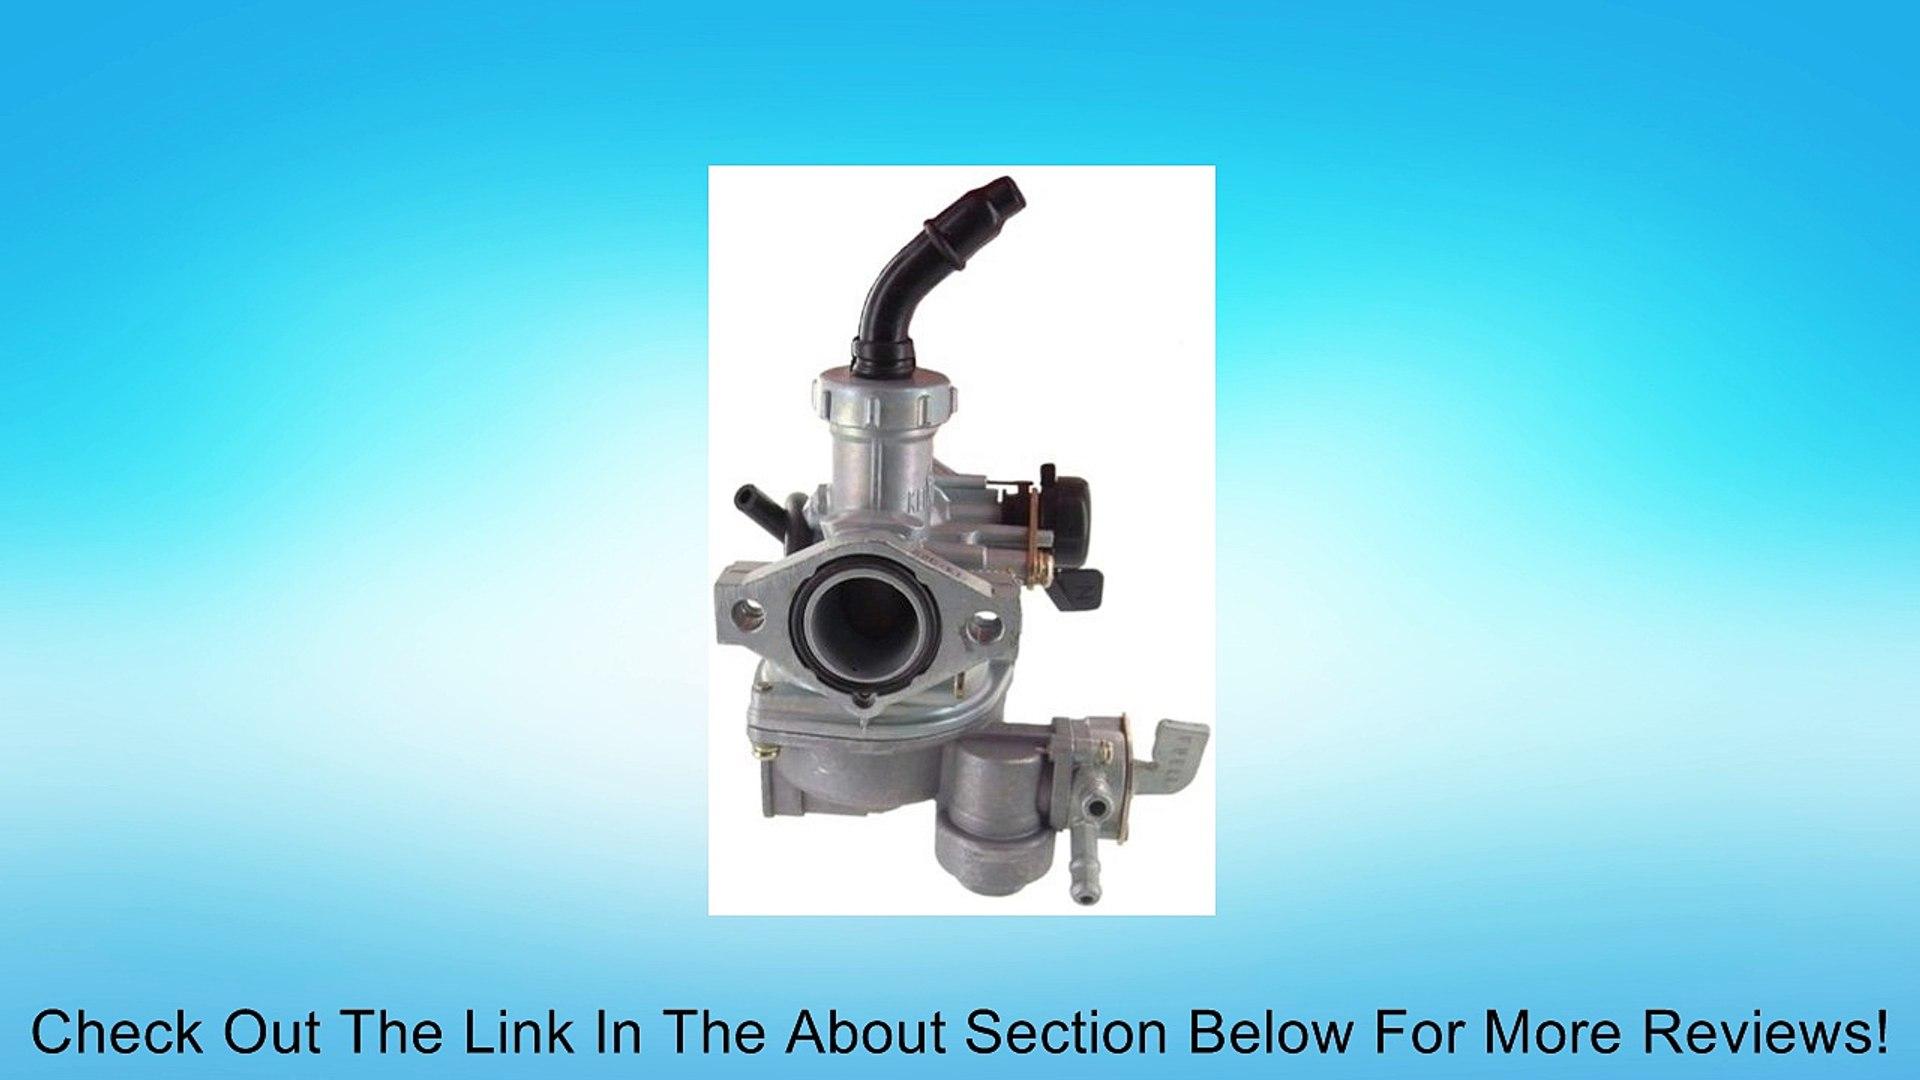 NEW Carburetor Honda 1979-85 ATC110, 1984-85 ATC125 ATC125M, 1980-86 CT110, 1985-88 TRX125 Review